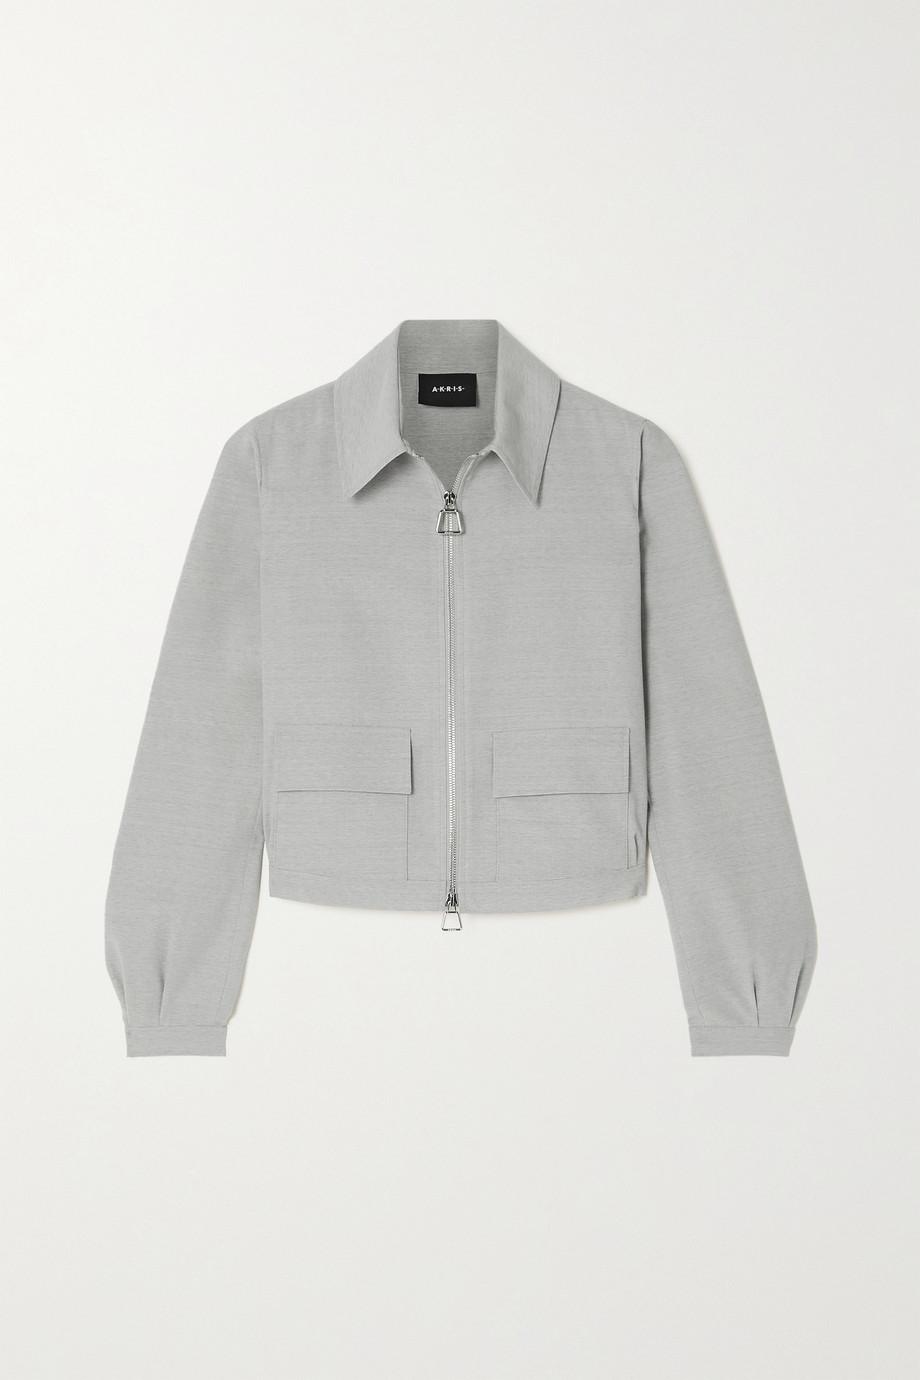 Akris Cropped wool jacket